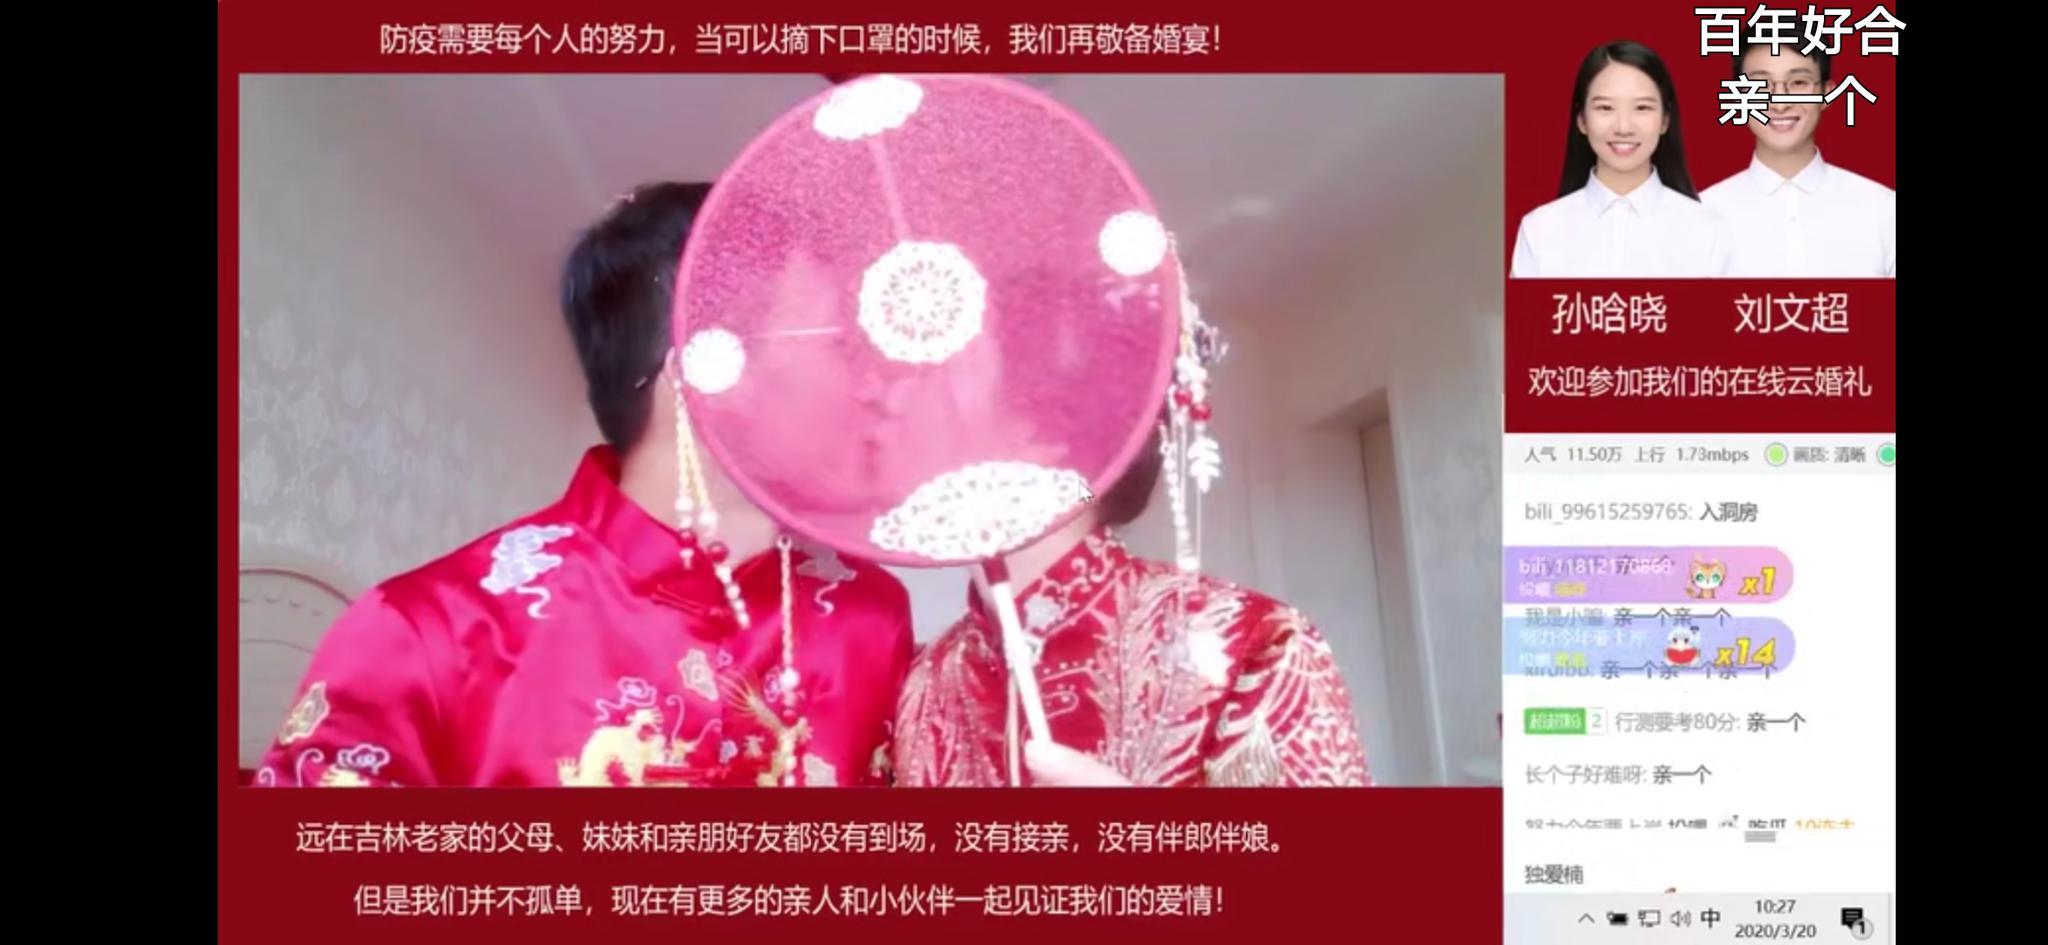 """""""云婚礼""""直播中,刘文超与孙晗晓在镜头前亲吻。视频截图"""